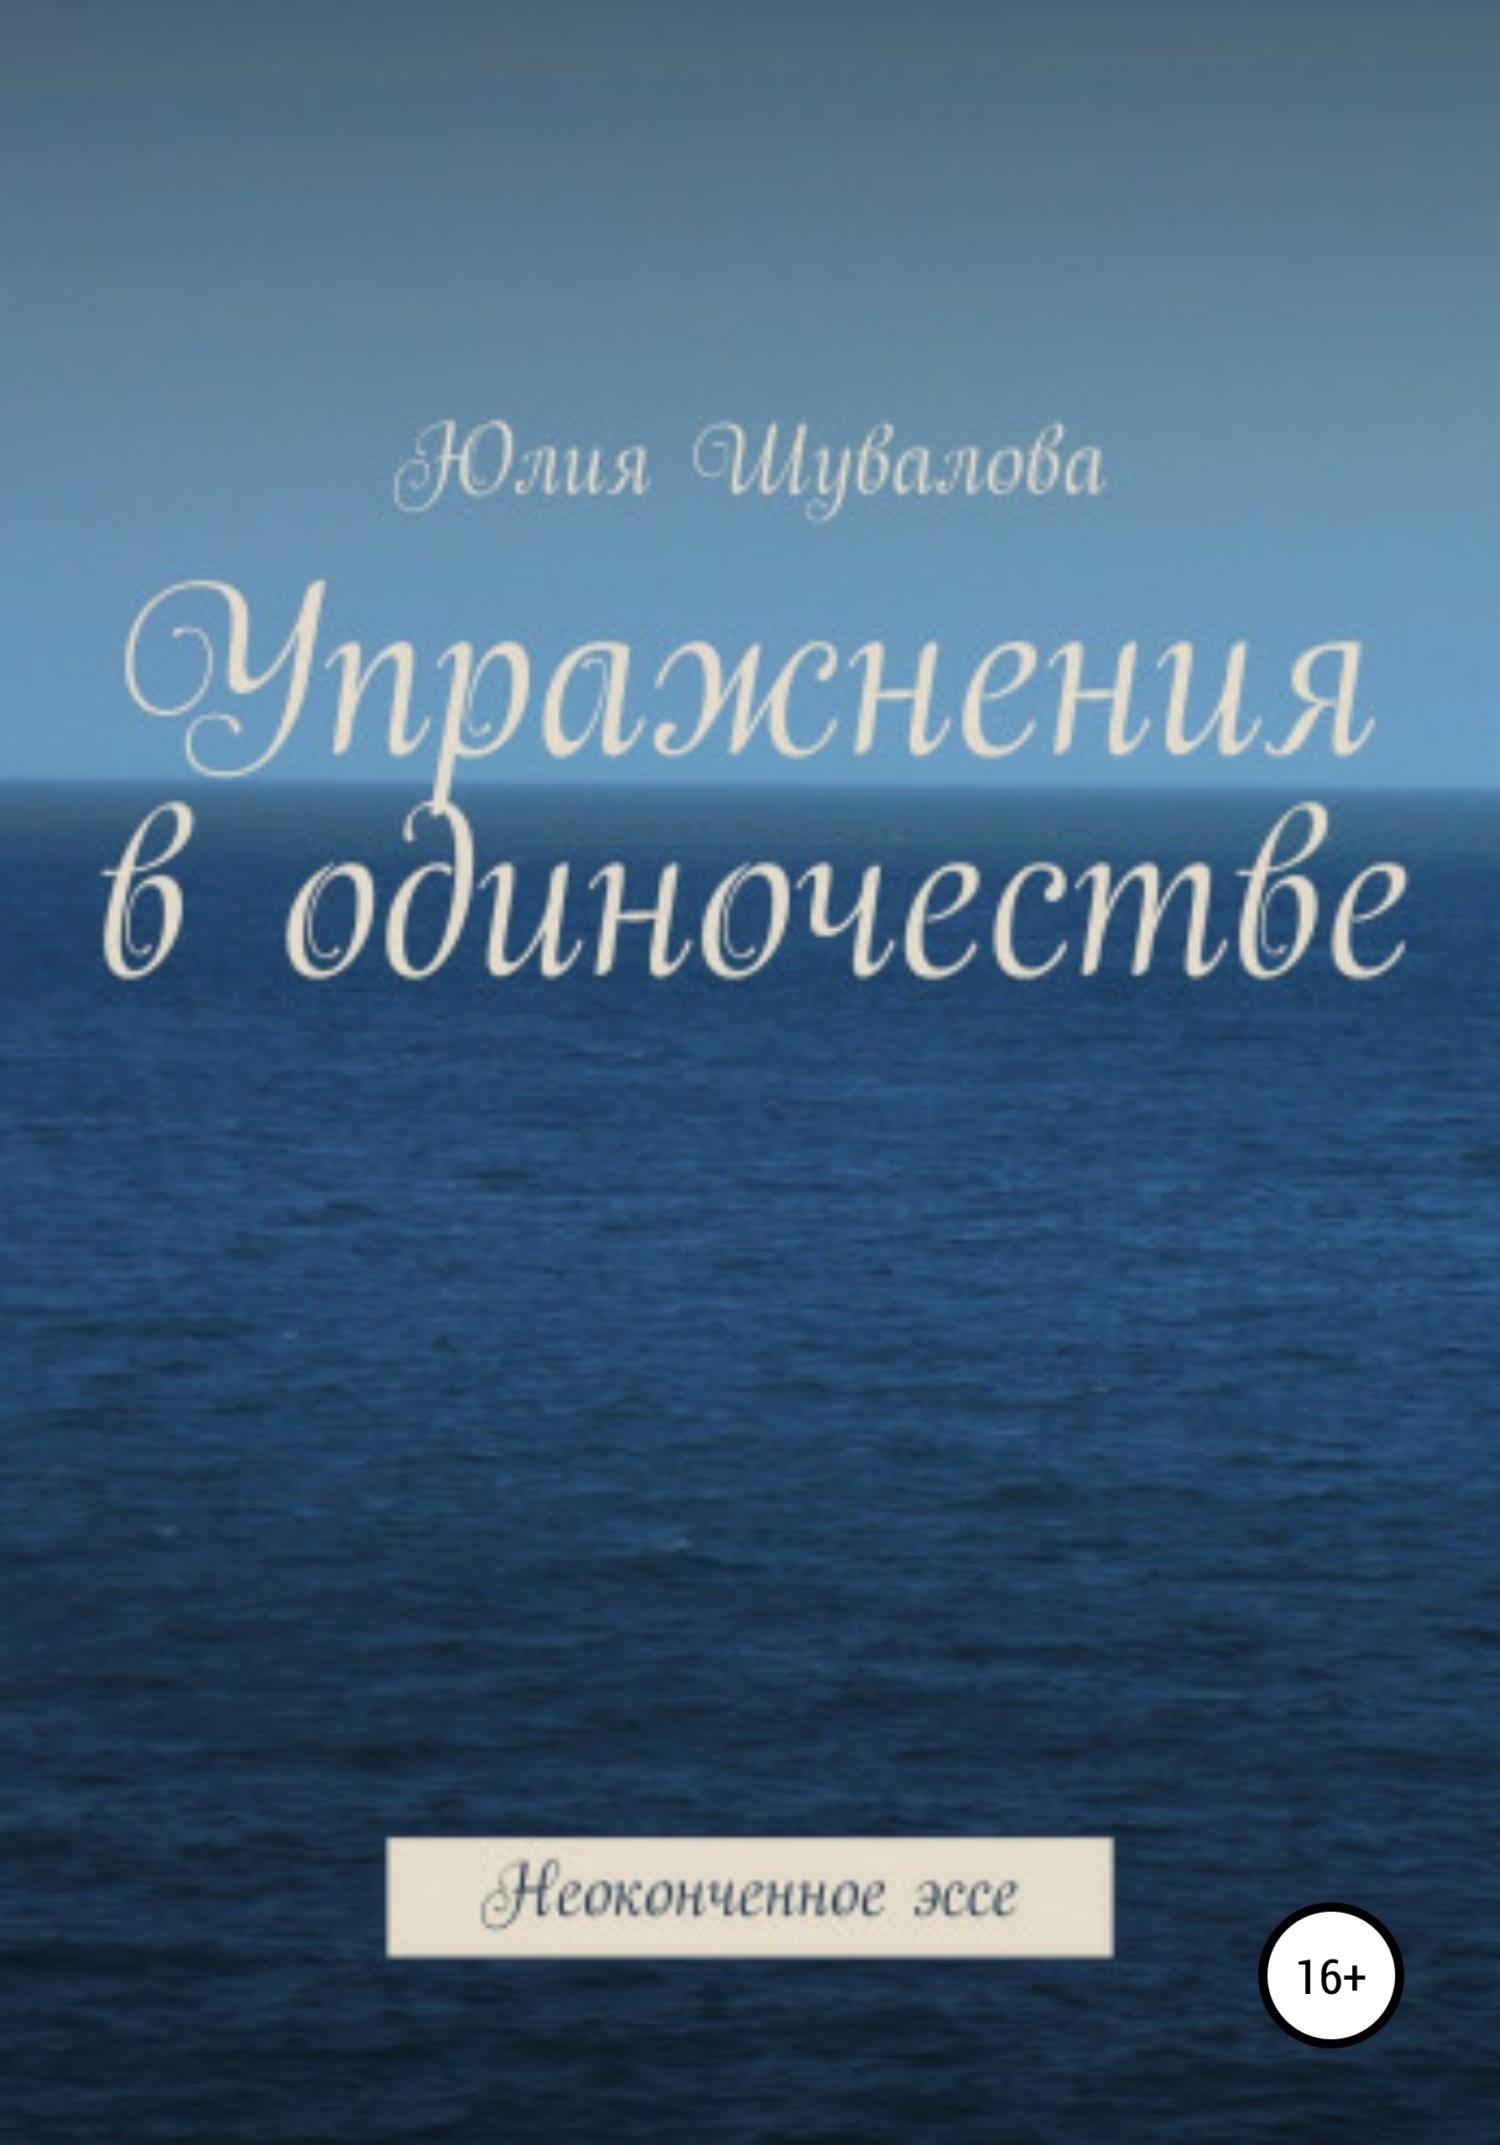 Купить книгу Упражнение в одиночестве. Неоконченное эссе, автора Юлии Н. Шуваловой